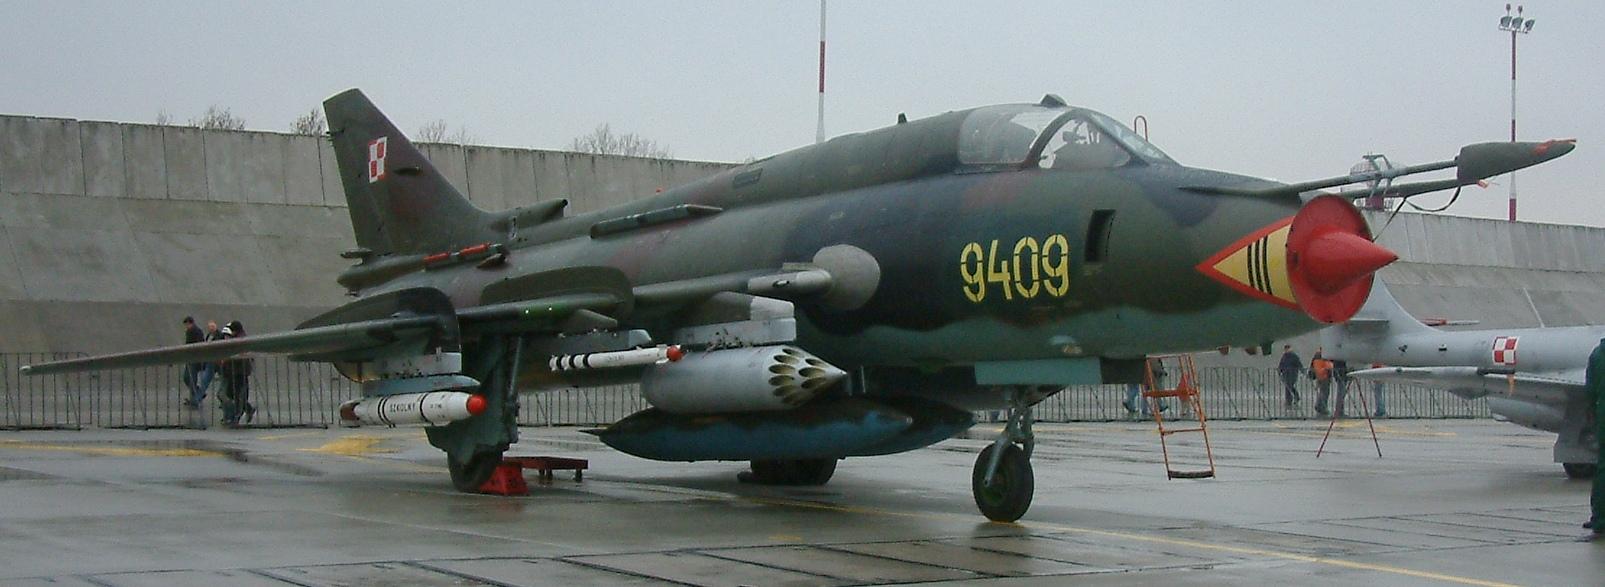 المقاتلات القاذفه Su-17/20/22 السوفييتيه Krzesiny_43RB